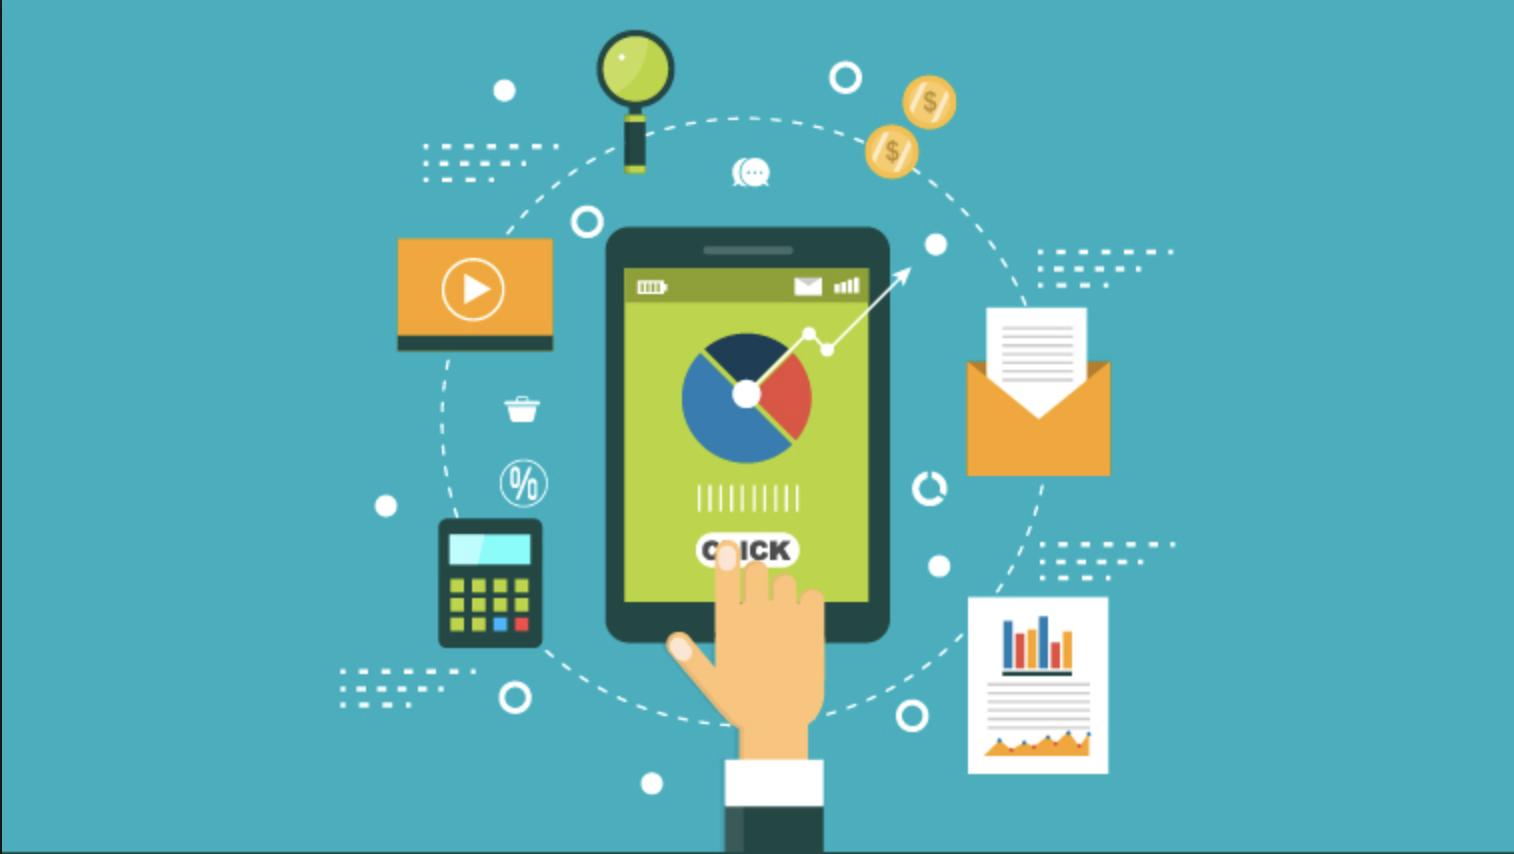 Guía Click Through Rate. Consejos para mejorar el CTR. Recomendaciones para impulsar los clics en nuestros resultados de búsqueda orgánica y PPC de Google.